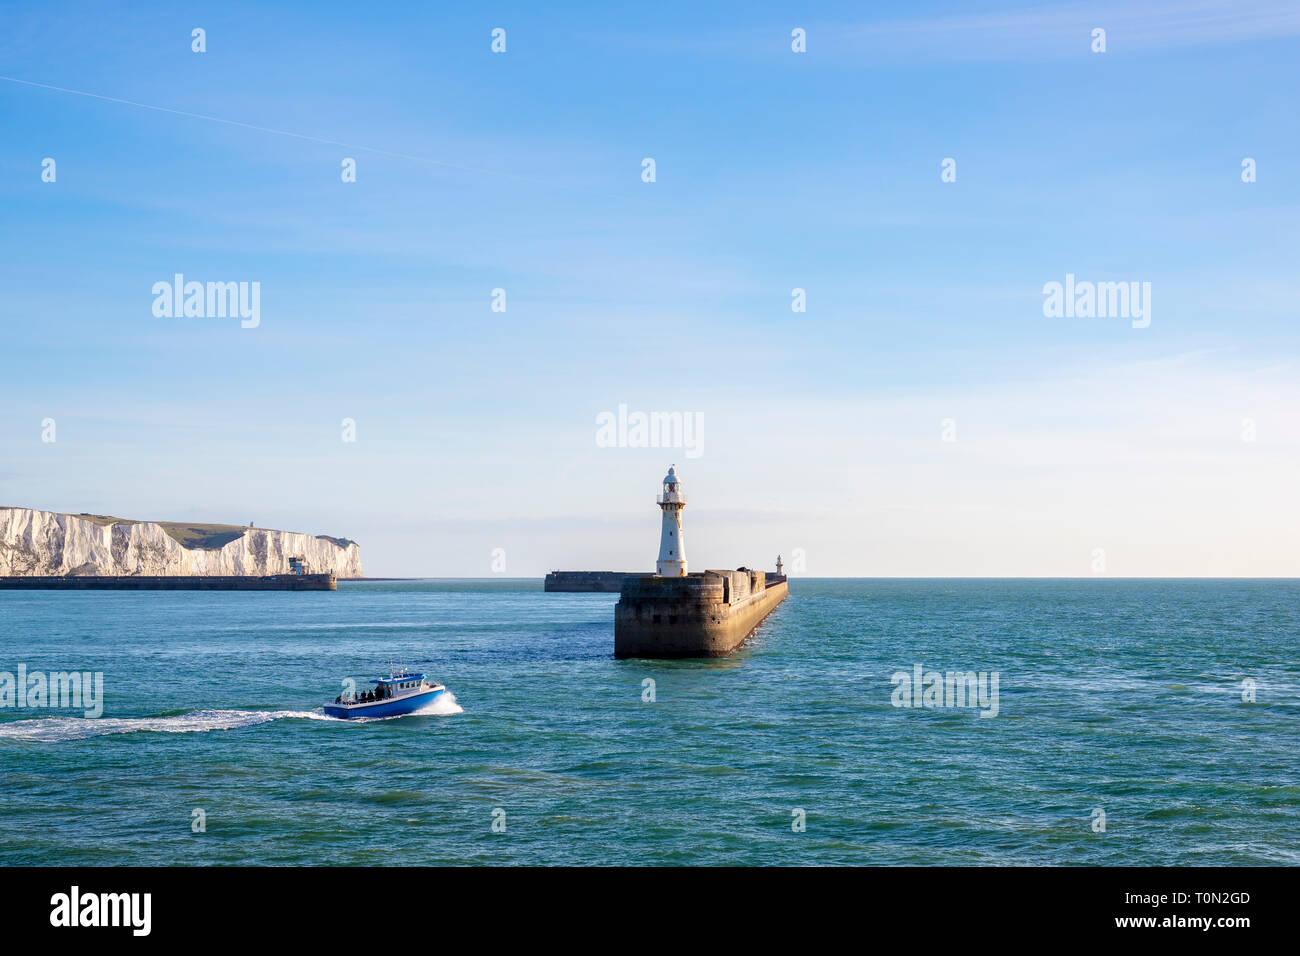 Ein Fischerboot im Hafen von Dover verlassen; mit der berühmten Weißen Felsen im Hintergrund. Stockfoto